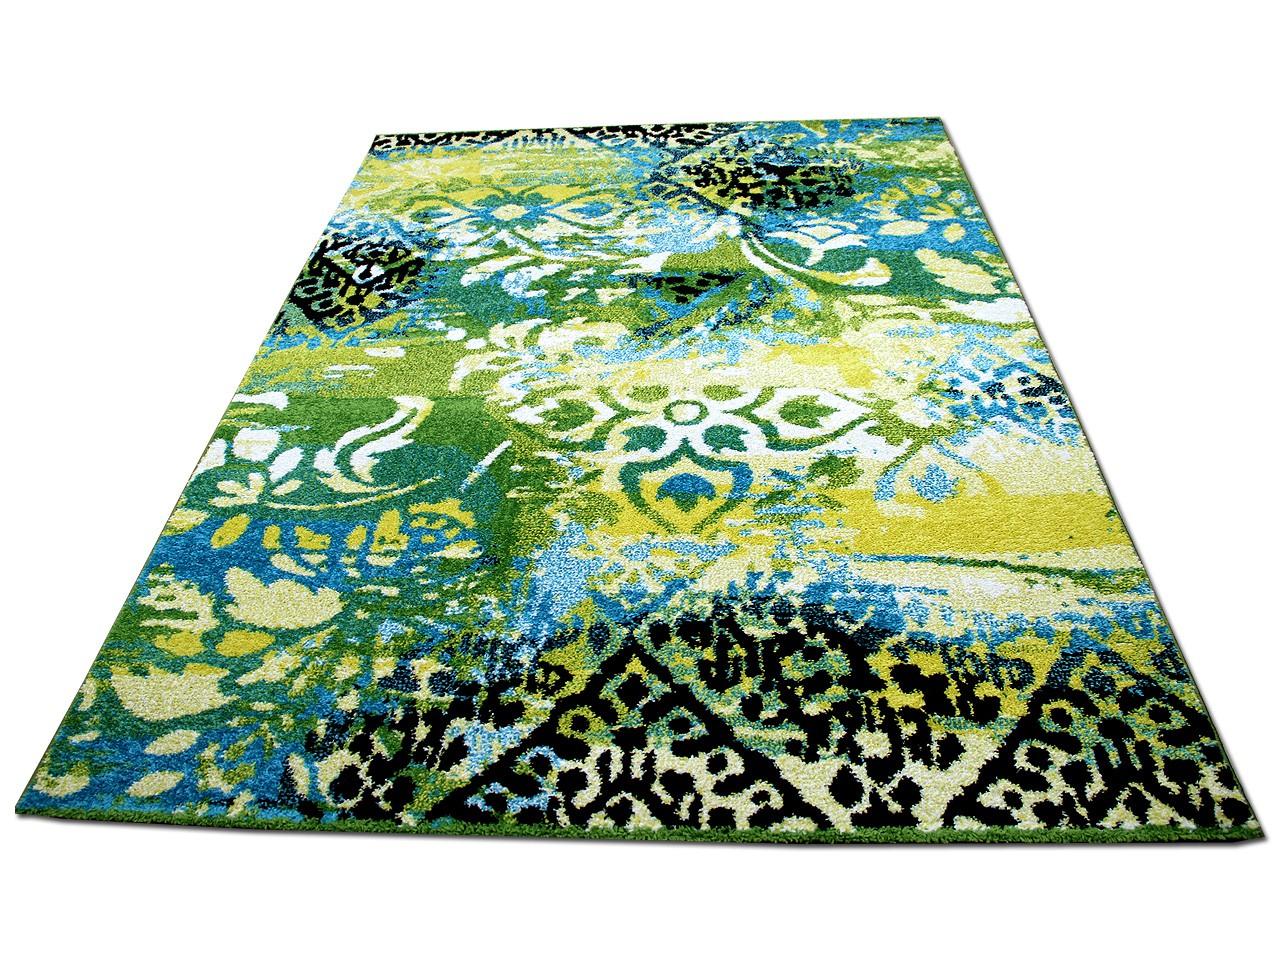 designer teppich funky vintage modern blau gr n teppiche. Black Bedroom Furniture Sets. Home Design Ideas